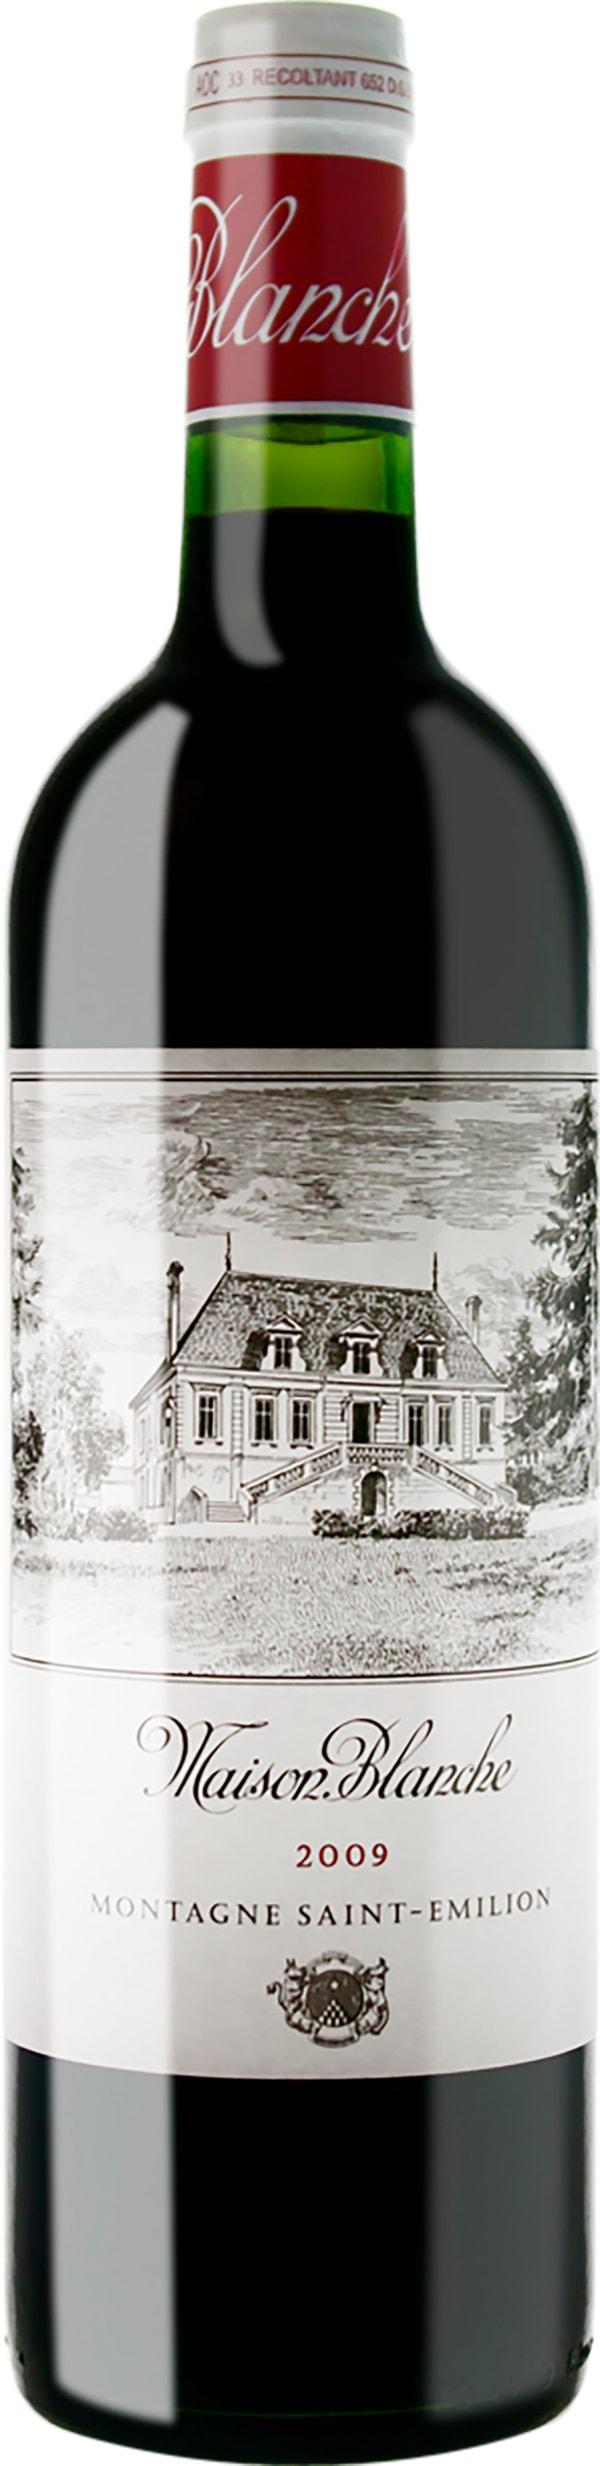 Château Maison Blanche 2009